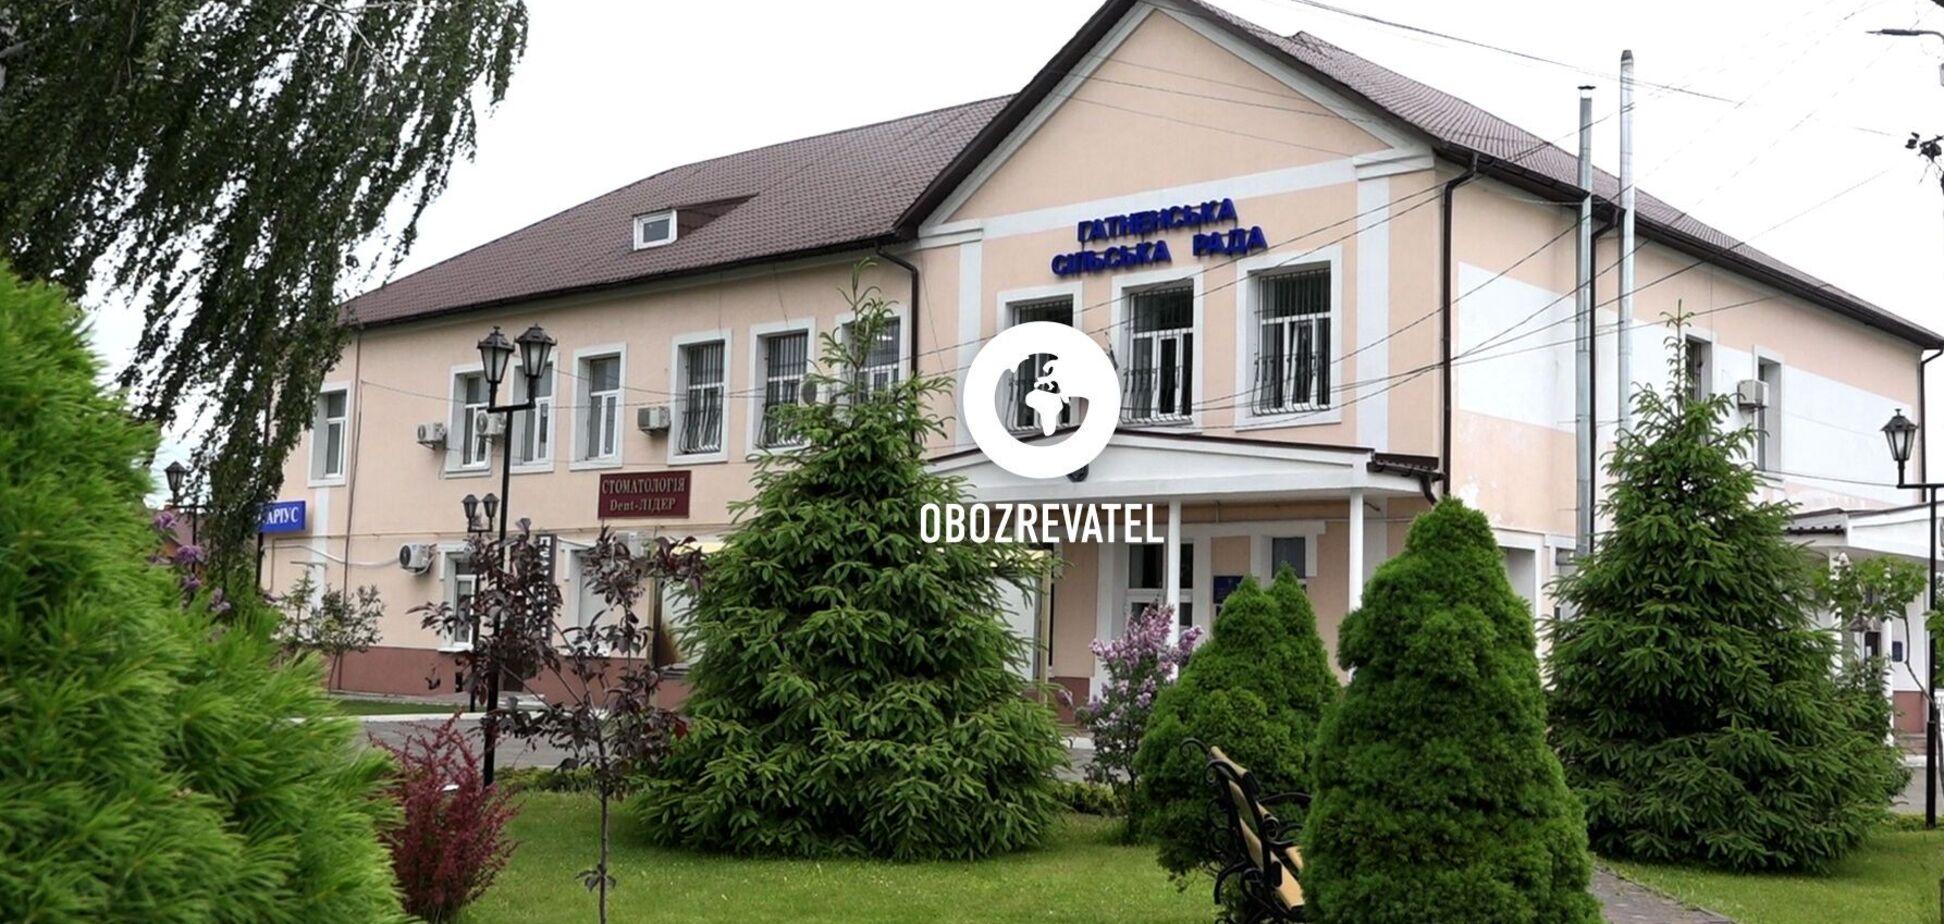 Община нашла признаки коррупции в Гатненський сельском совете